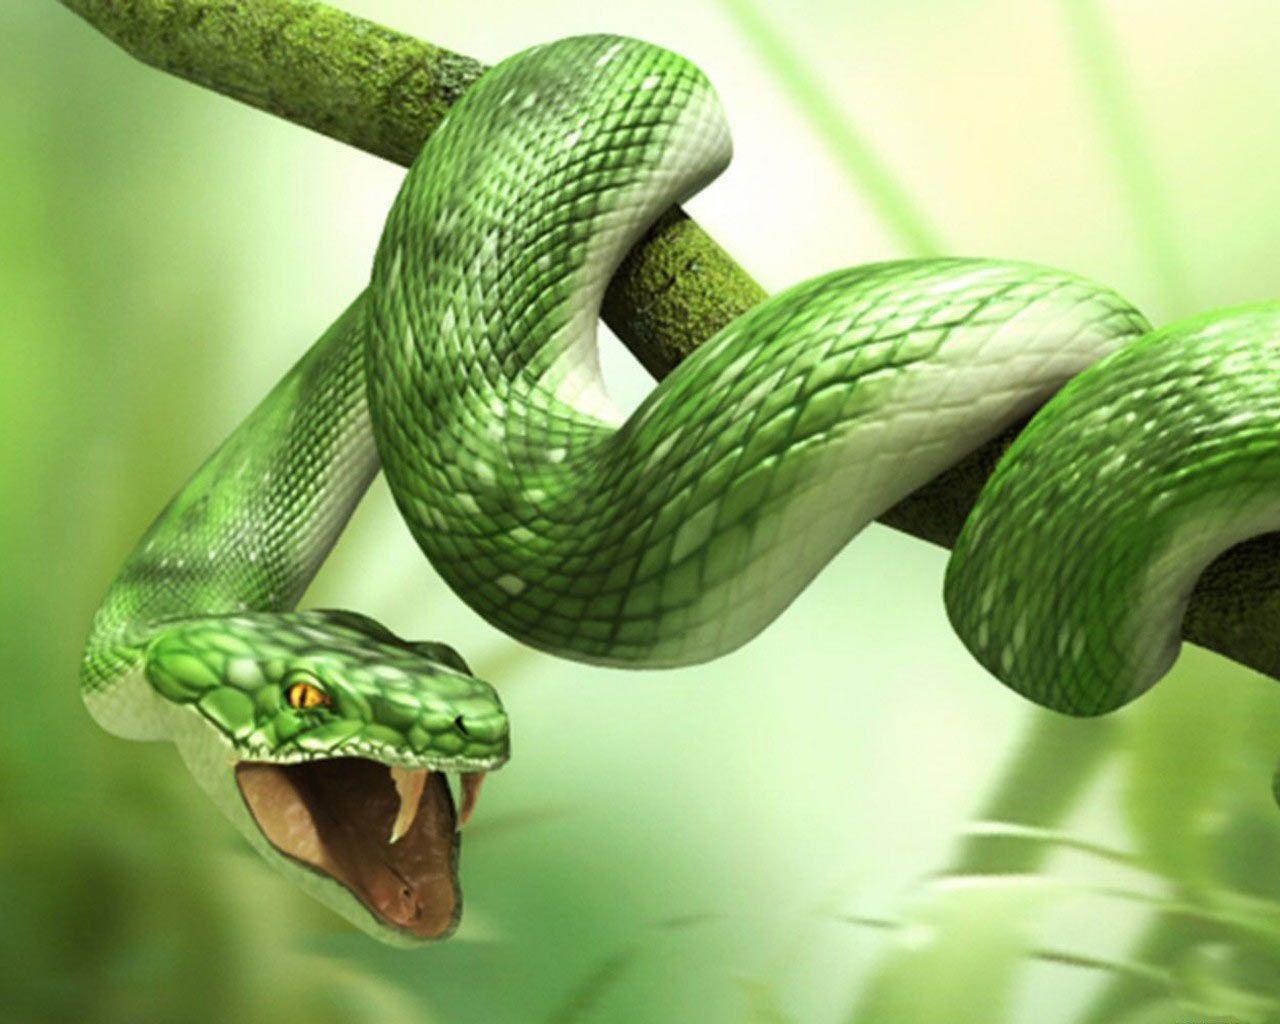 Green 3d Snake HD Wallpapers - HD Wallpapers Inn